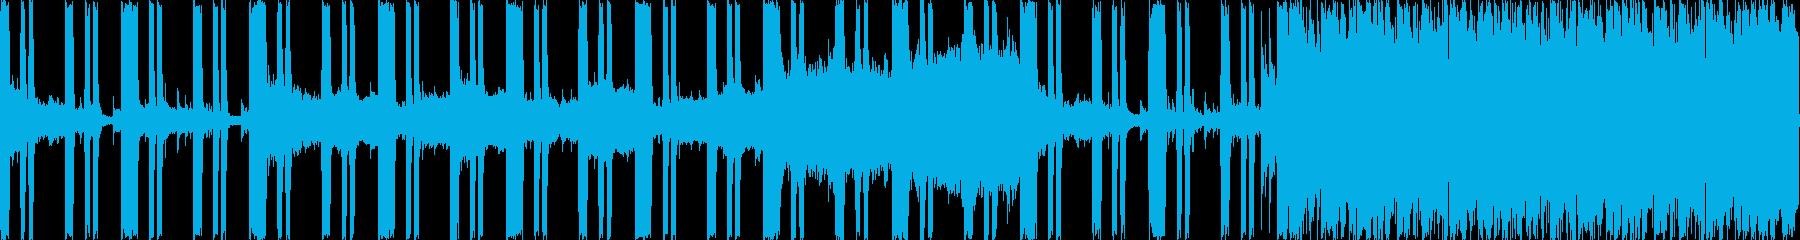 ダンジョンのBGMなど・陰鬱さと暗くジ…の再生済みの波形